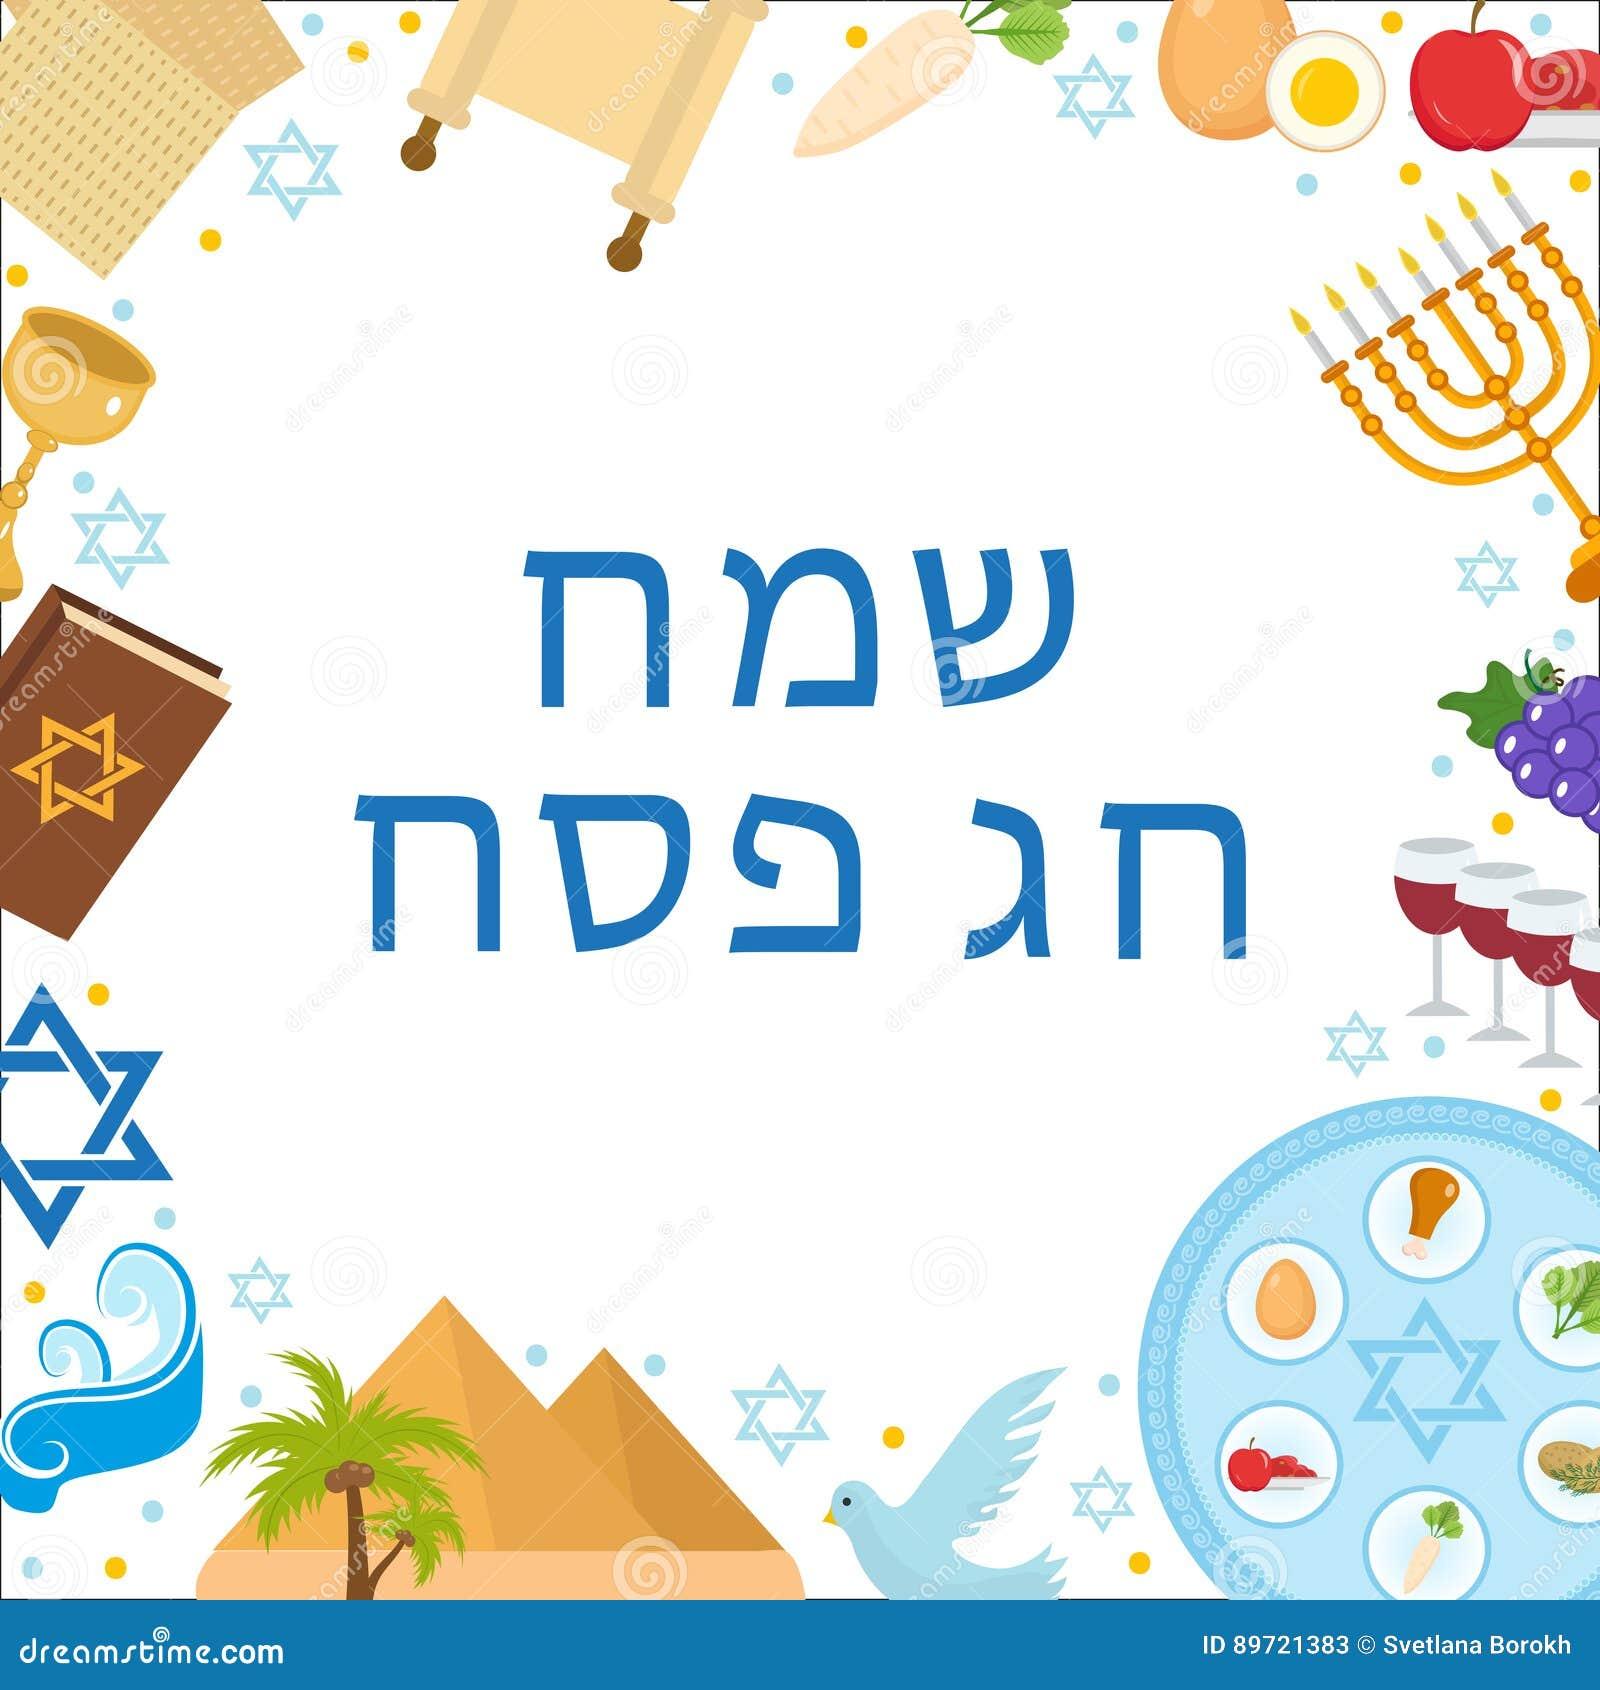 Happy Passover Greeting Card With Torus Menorah Wine Matzoh